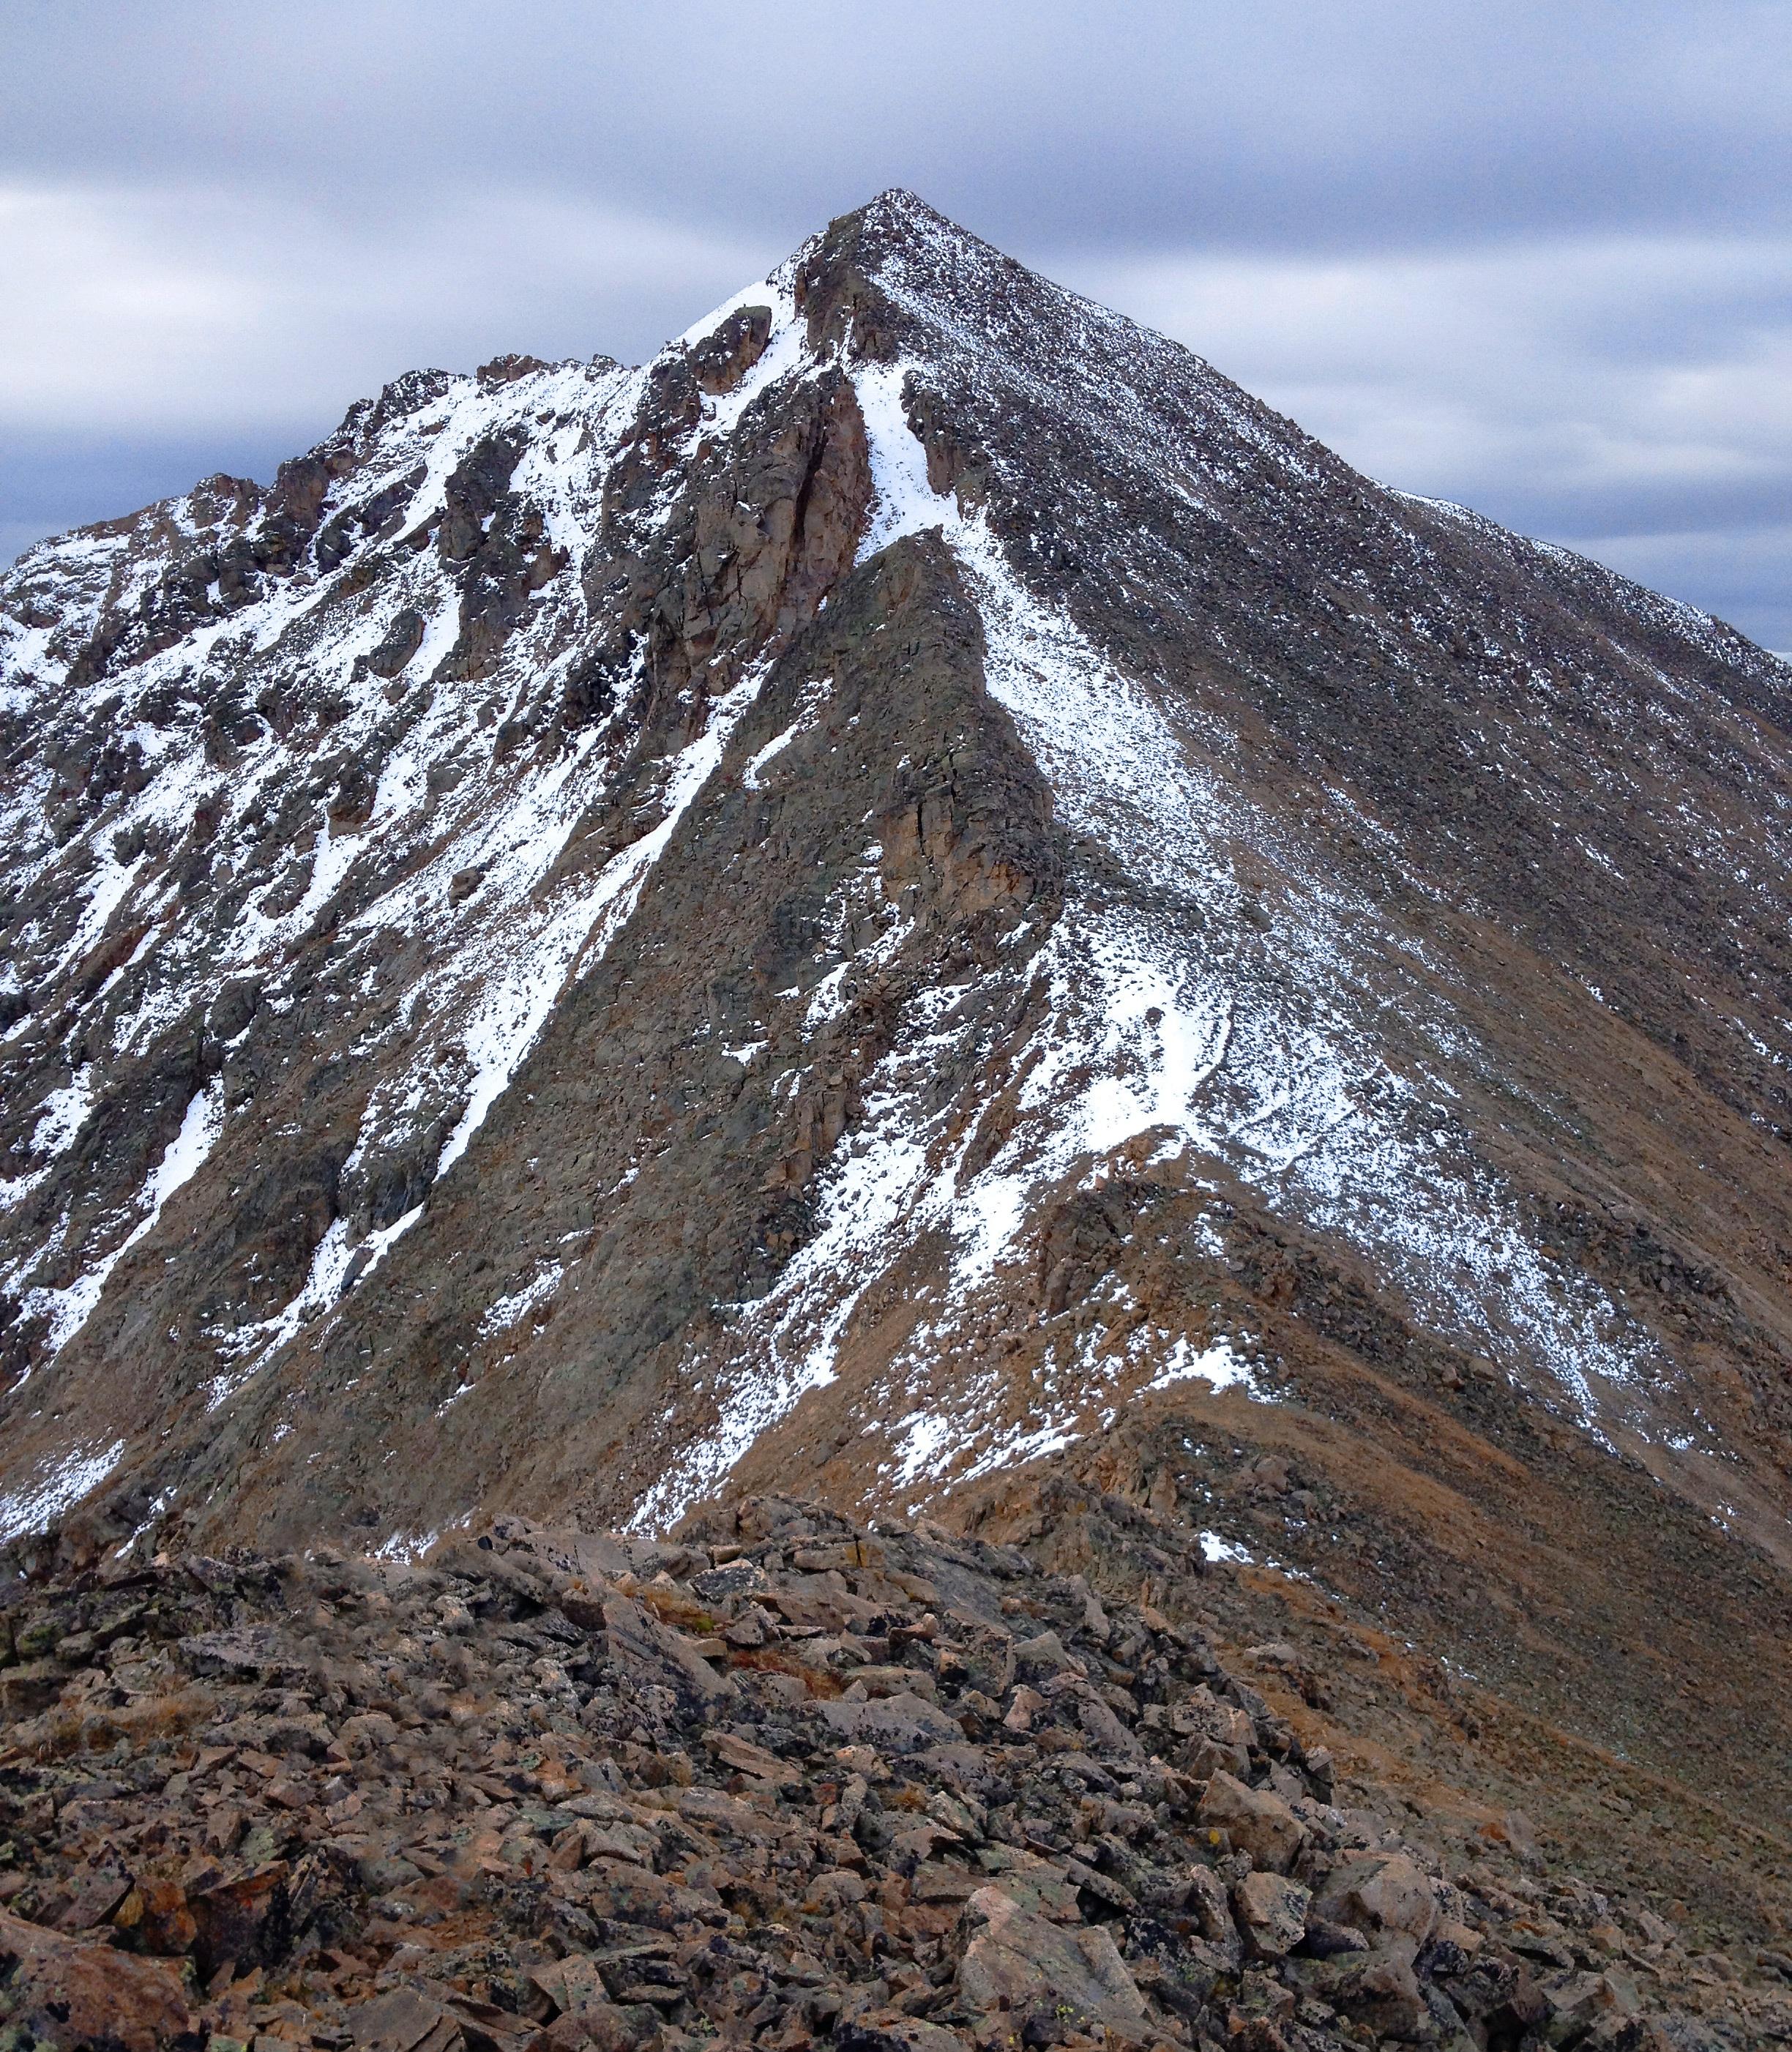 Mount Tweto - 13,672